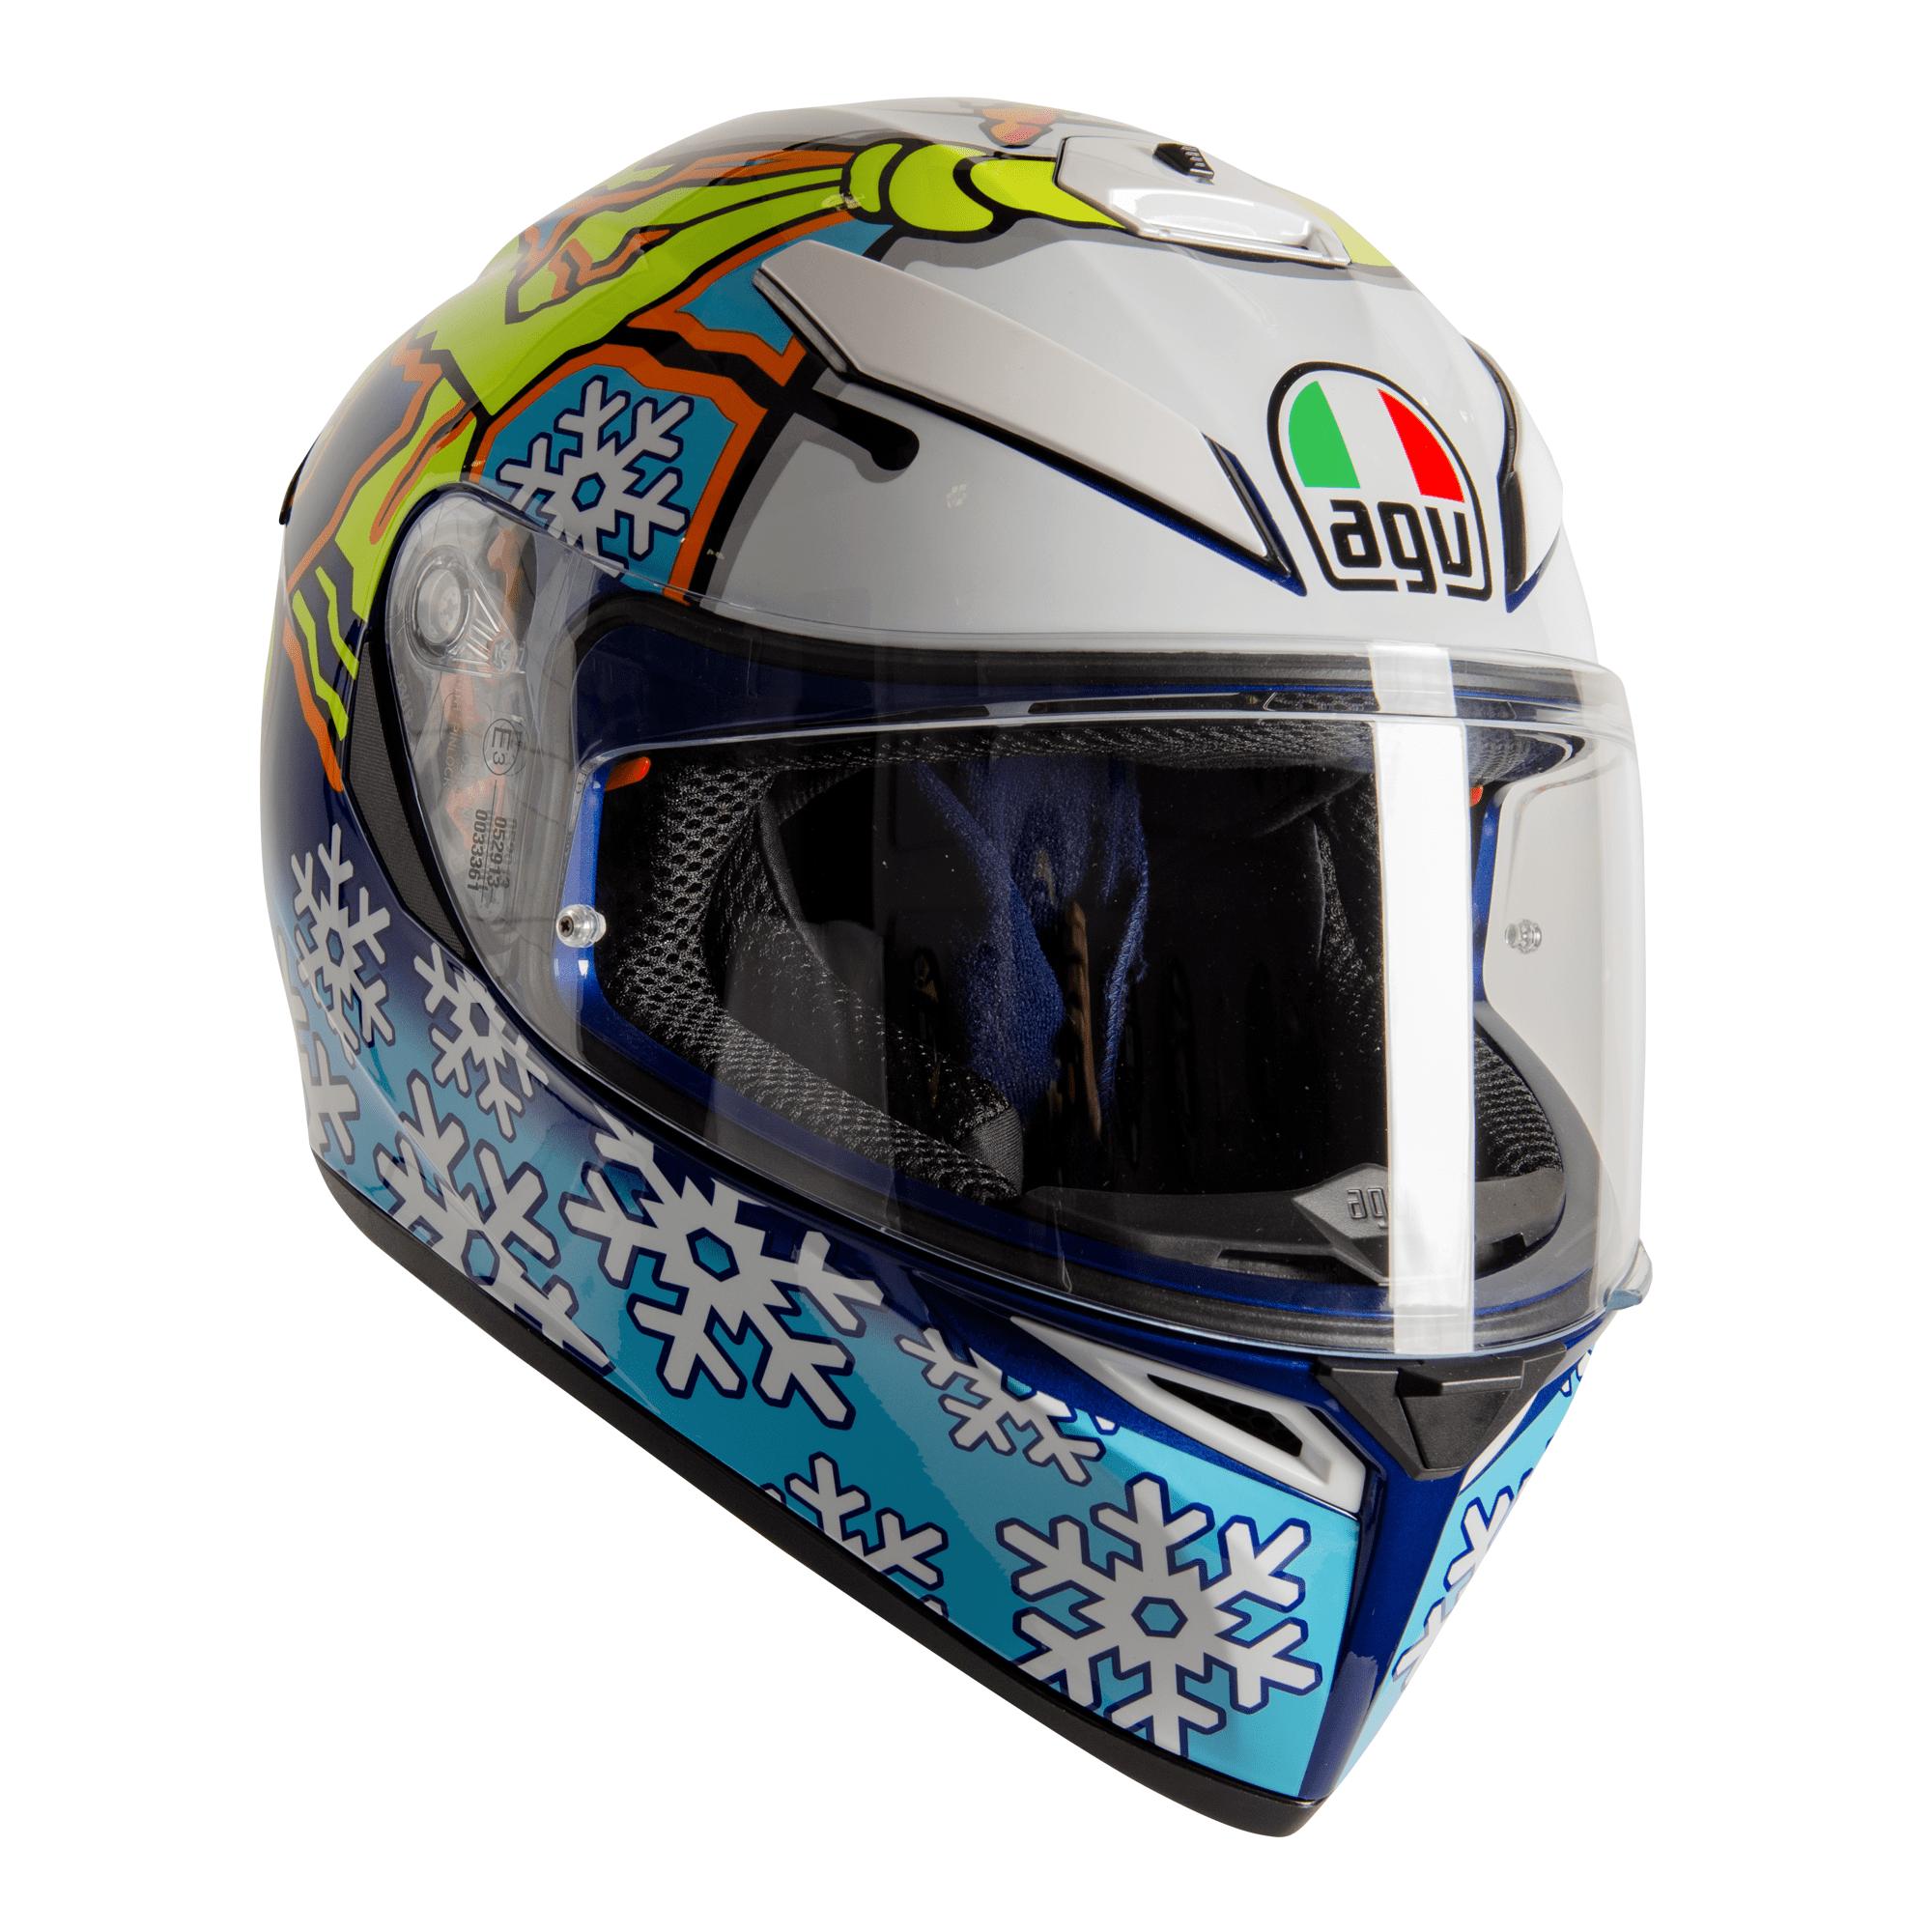 Agv K3 Sv S Winter Test Agv Full Face Helmets Free Uk Delivery